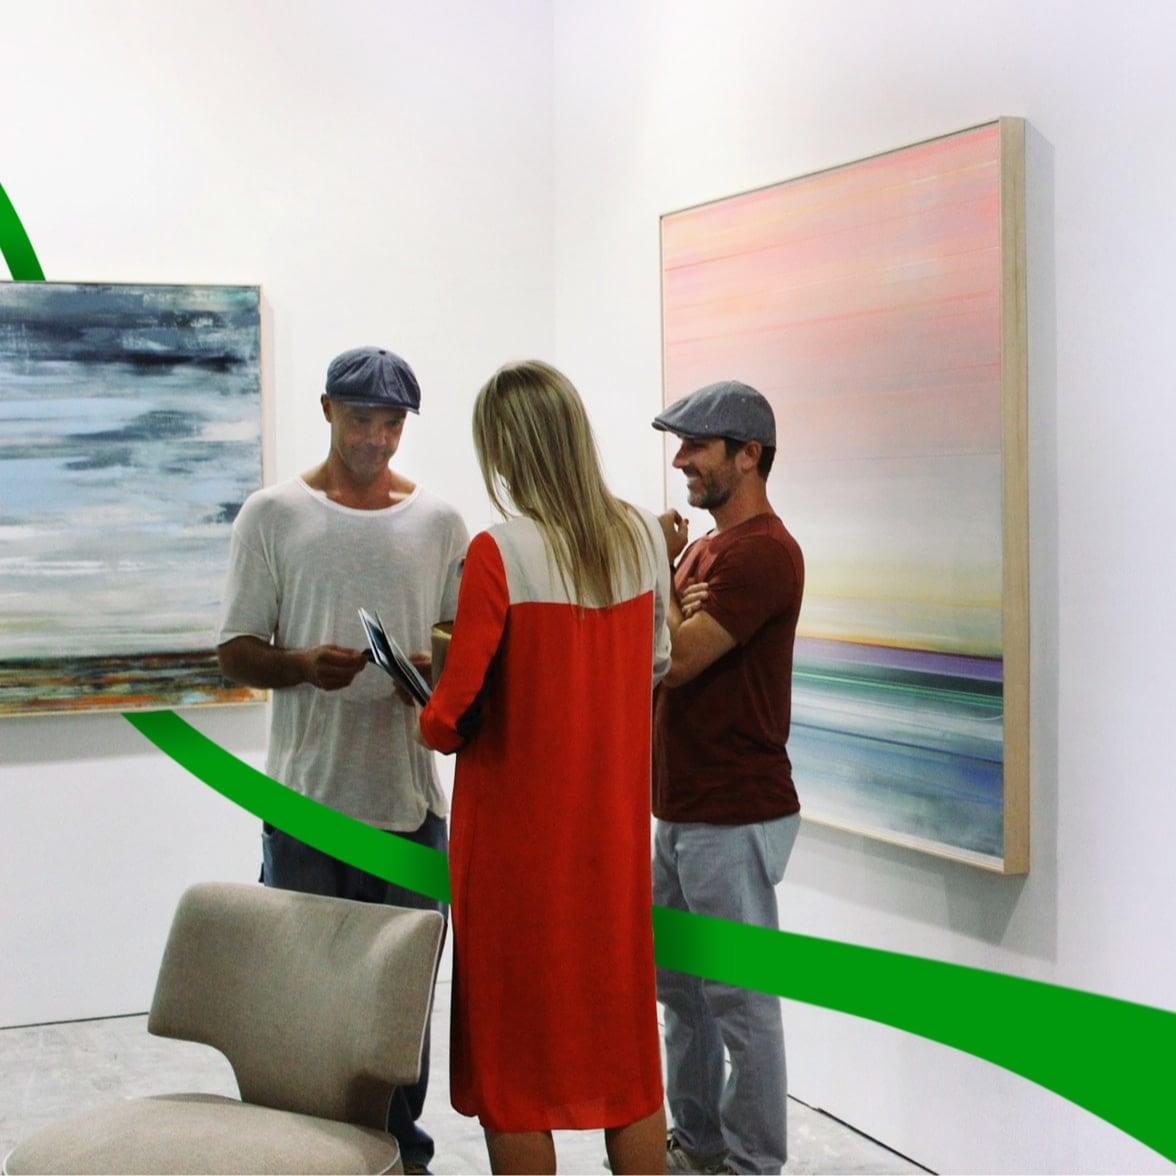 Woman showing two men art for AppraisalSoft art appraisal